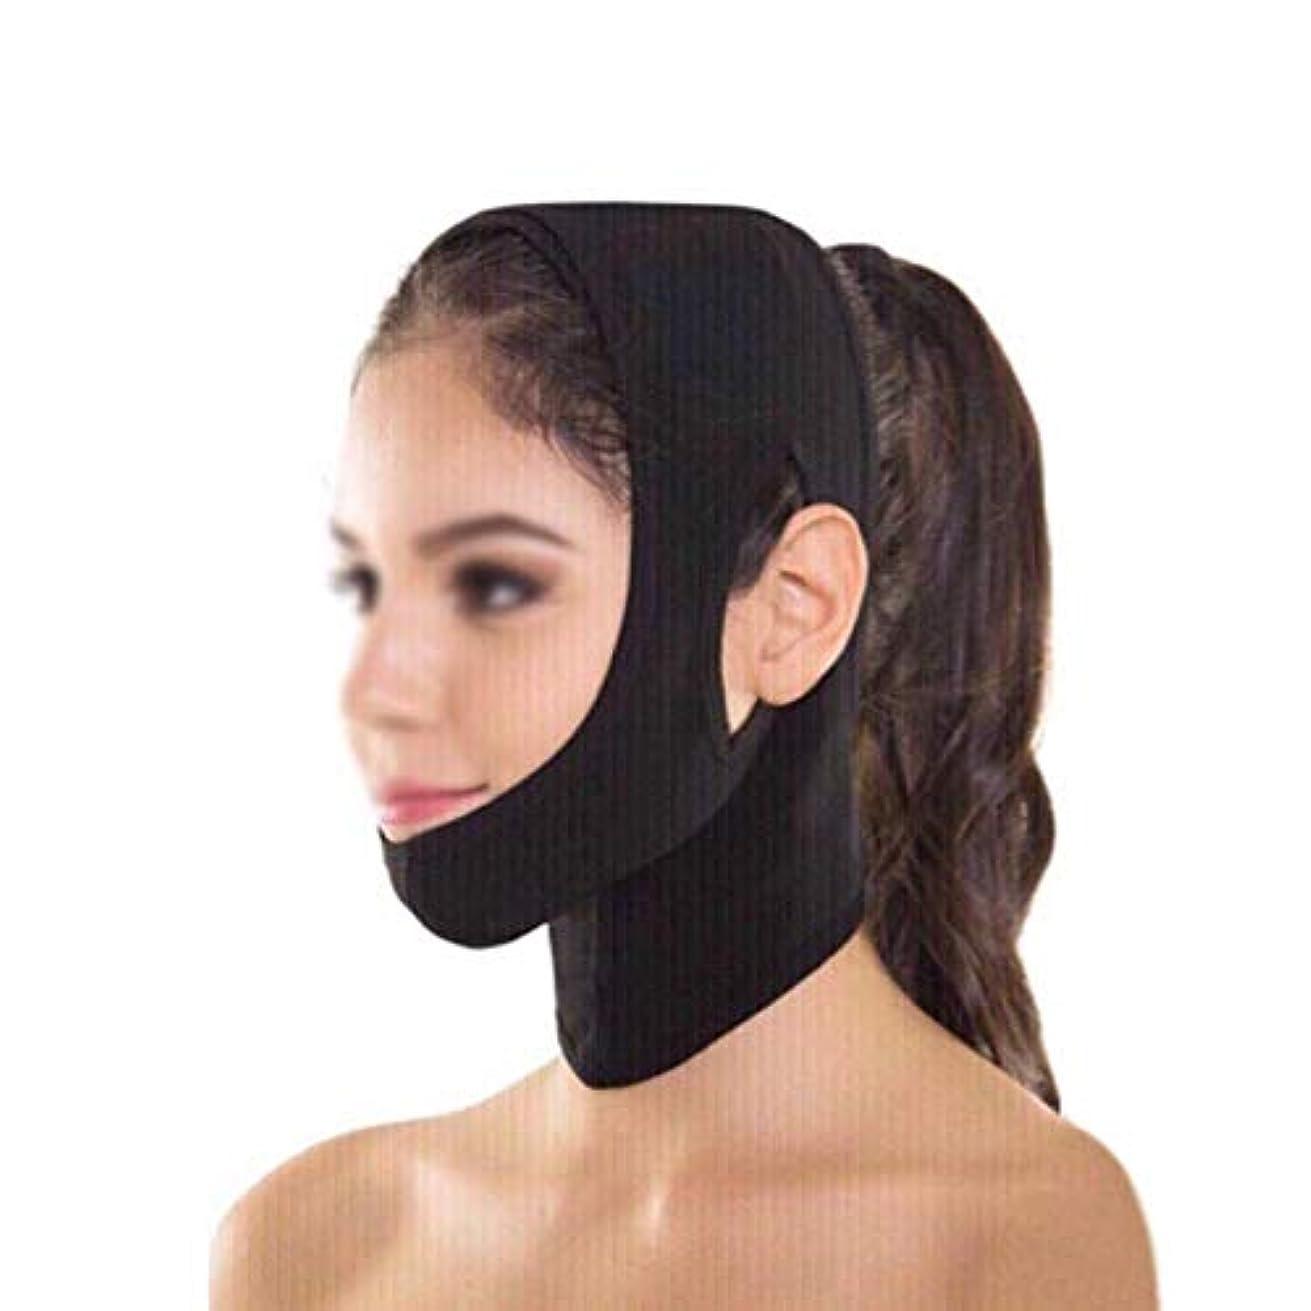 限り性差別精算フェイスリフティングバンデージ、フェイスリフティングマスク、顔面の首と首を持ち上げる、顔を持ち上げて二重あごを減らす(フリーサイズ)(カラー:カーキ色),ブラック